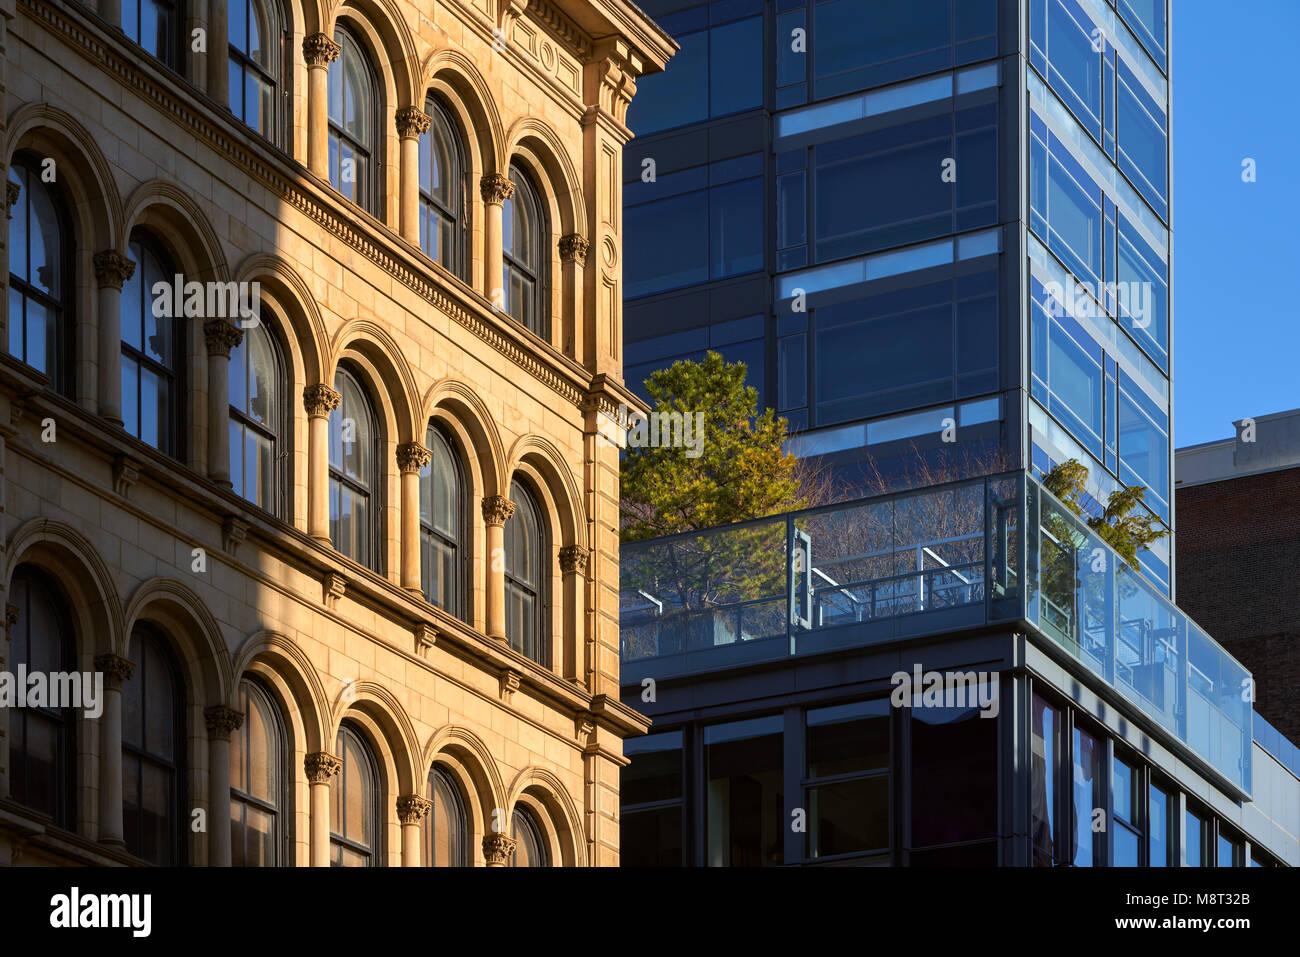 Façades de bâtiment Soho avec styles architecturaux. La ville de New York, Manhattan, Soho Photo Stock